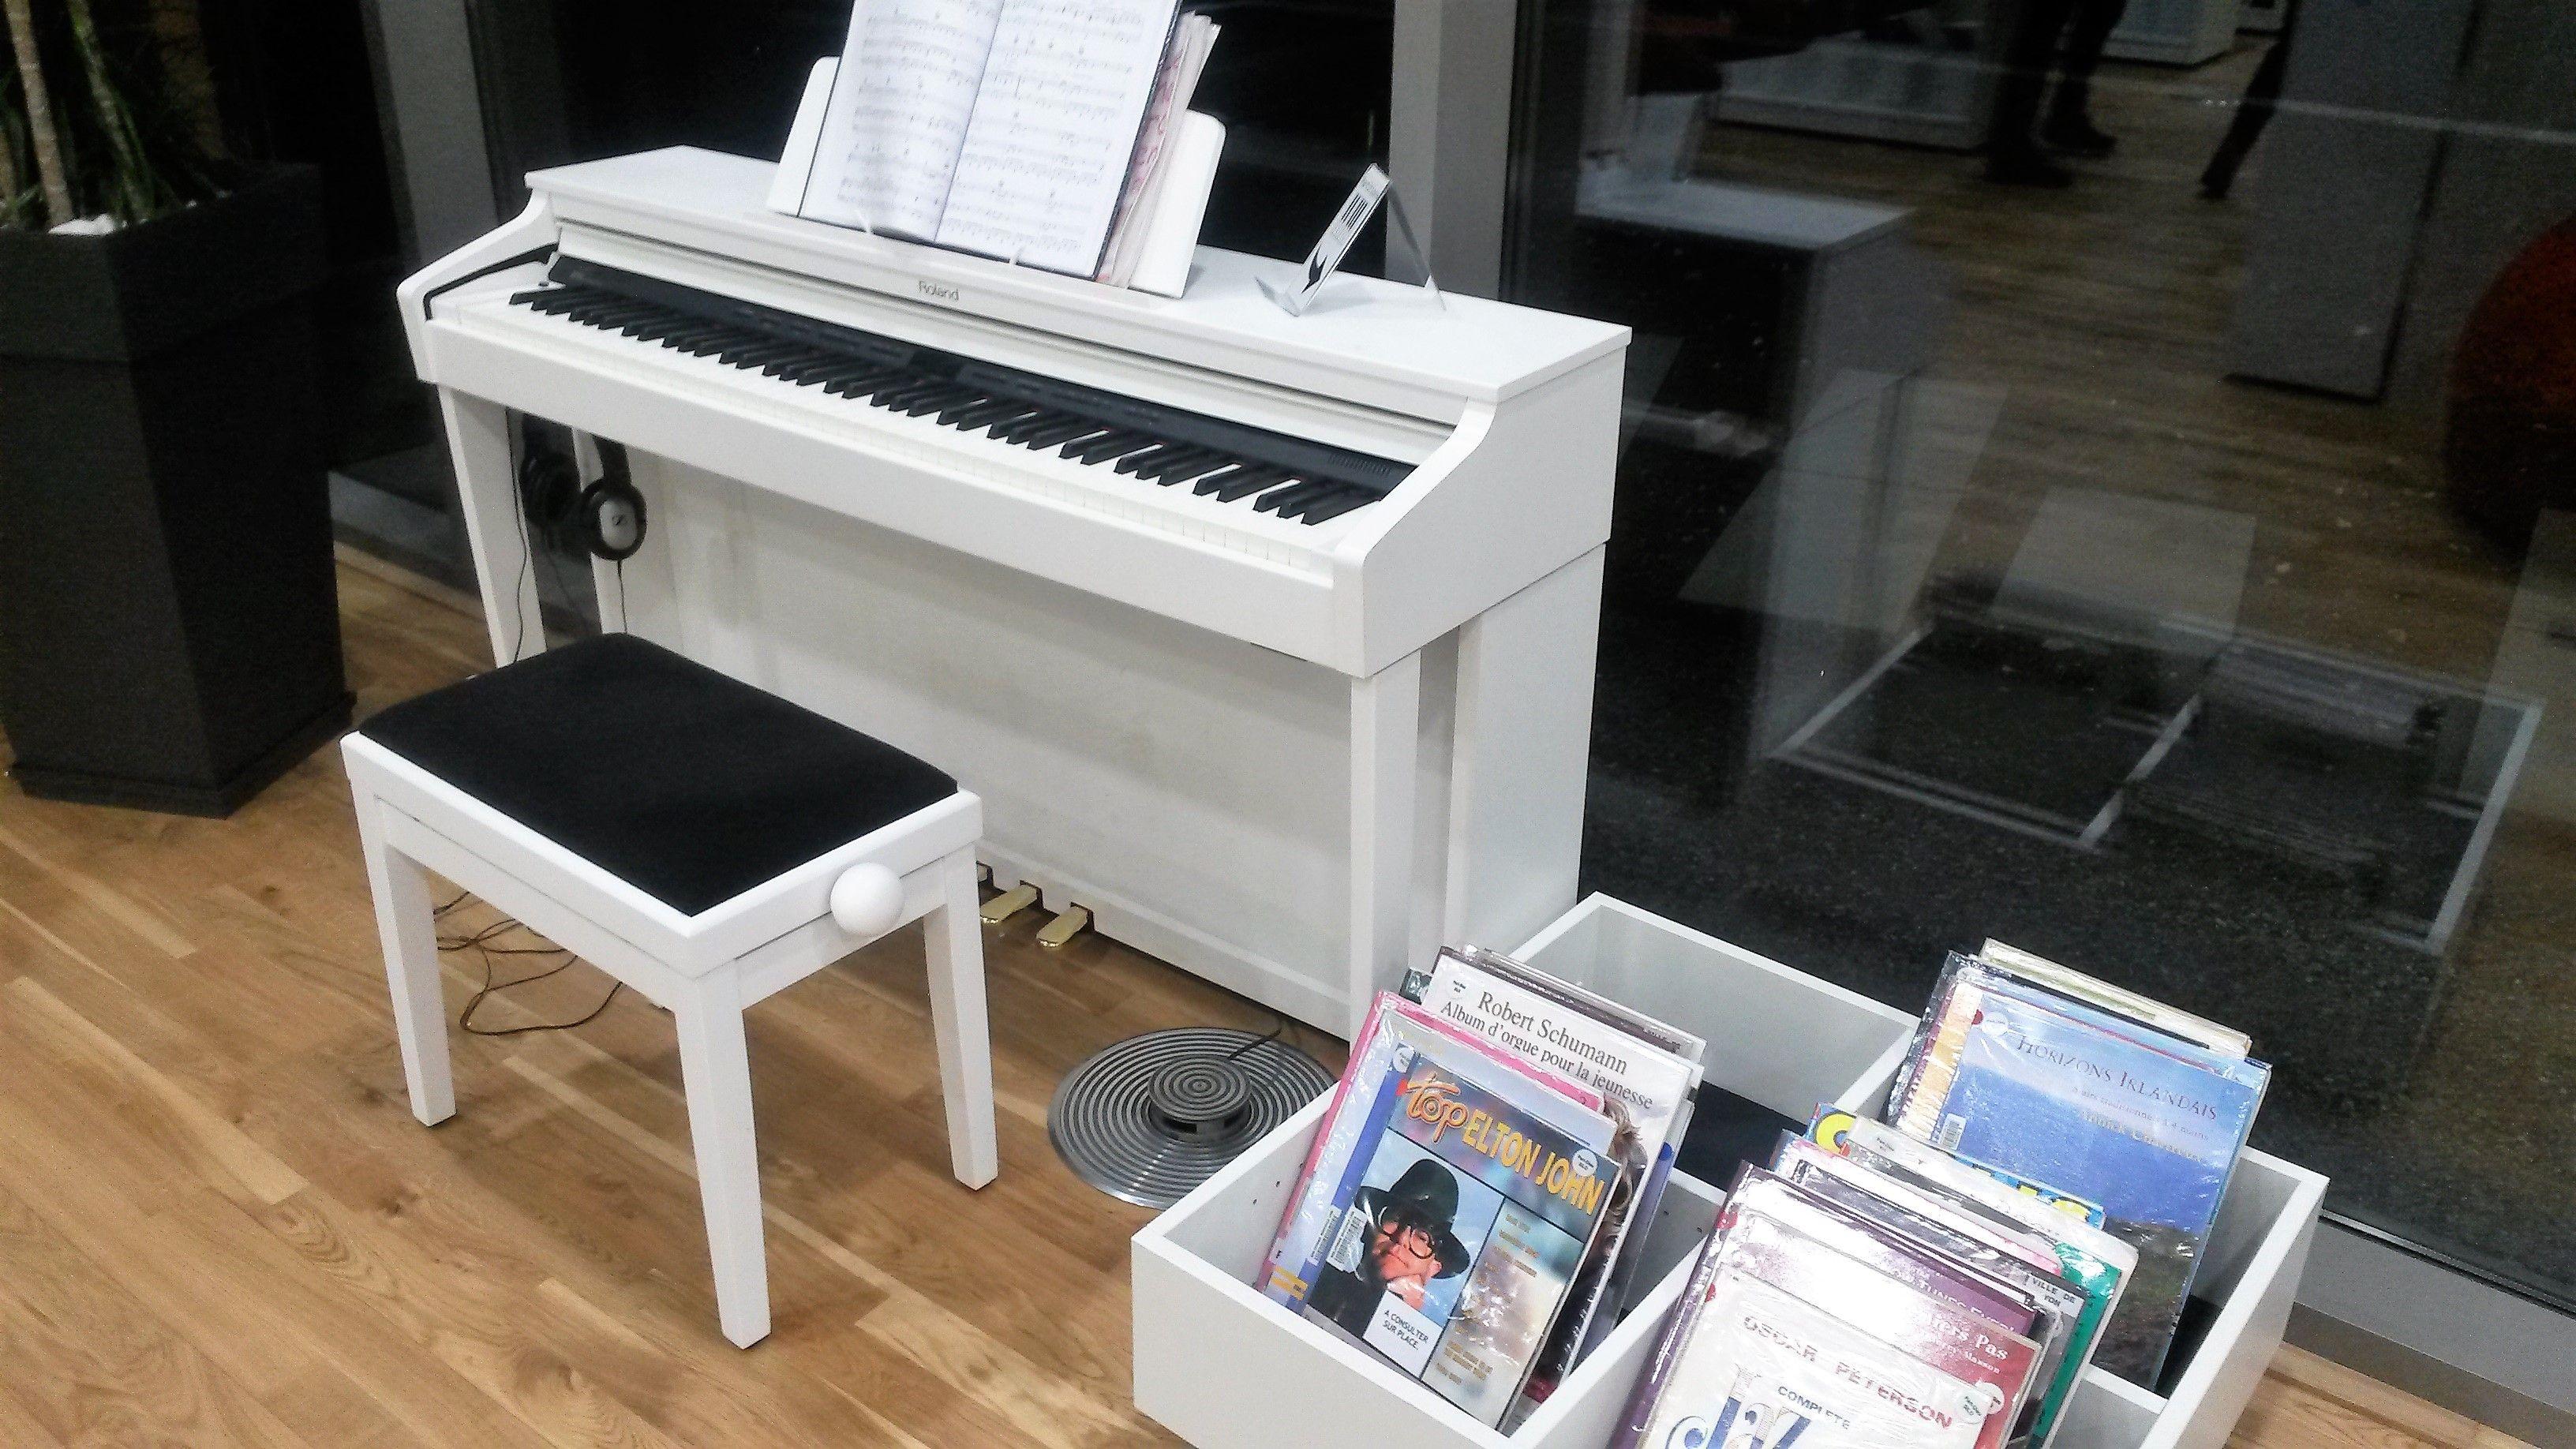 Piano numérique. Bibliothèque Lacassagne (Lyon). [Photographie du groupe  projet, prise